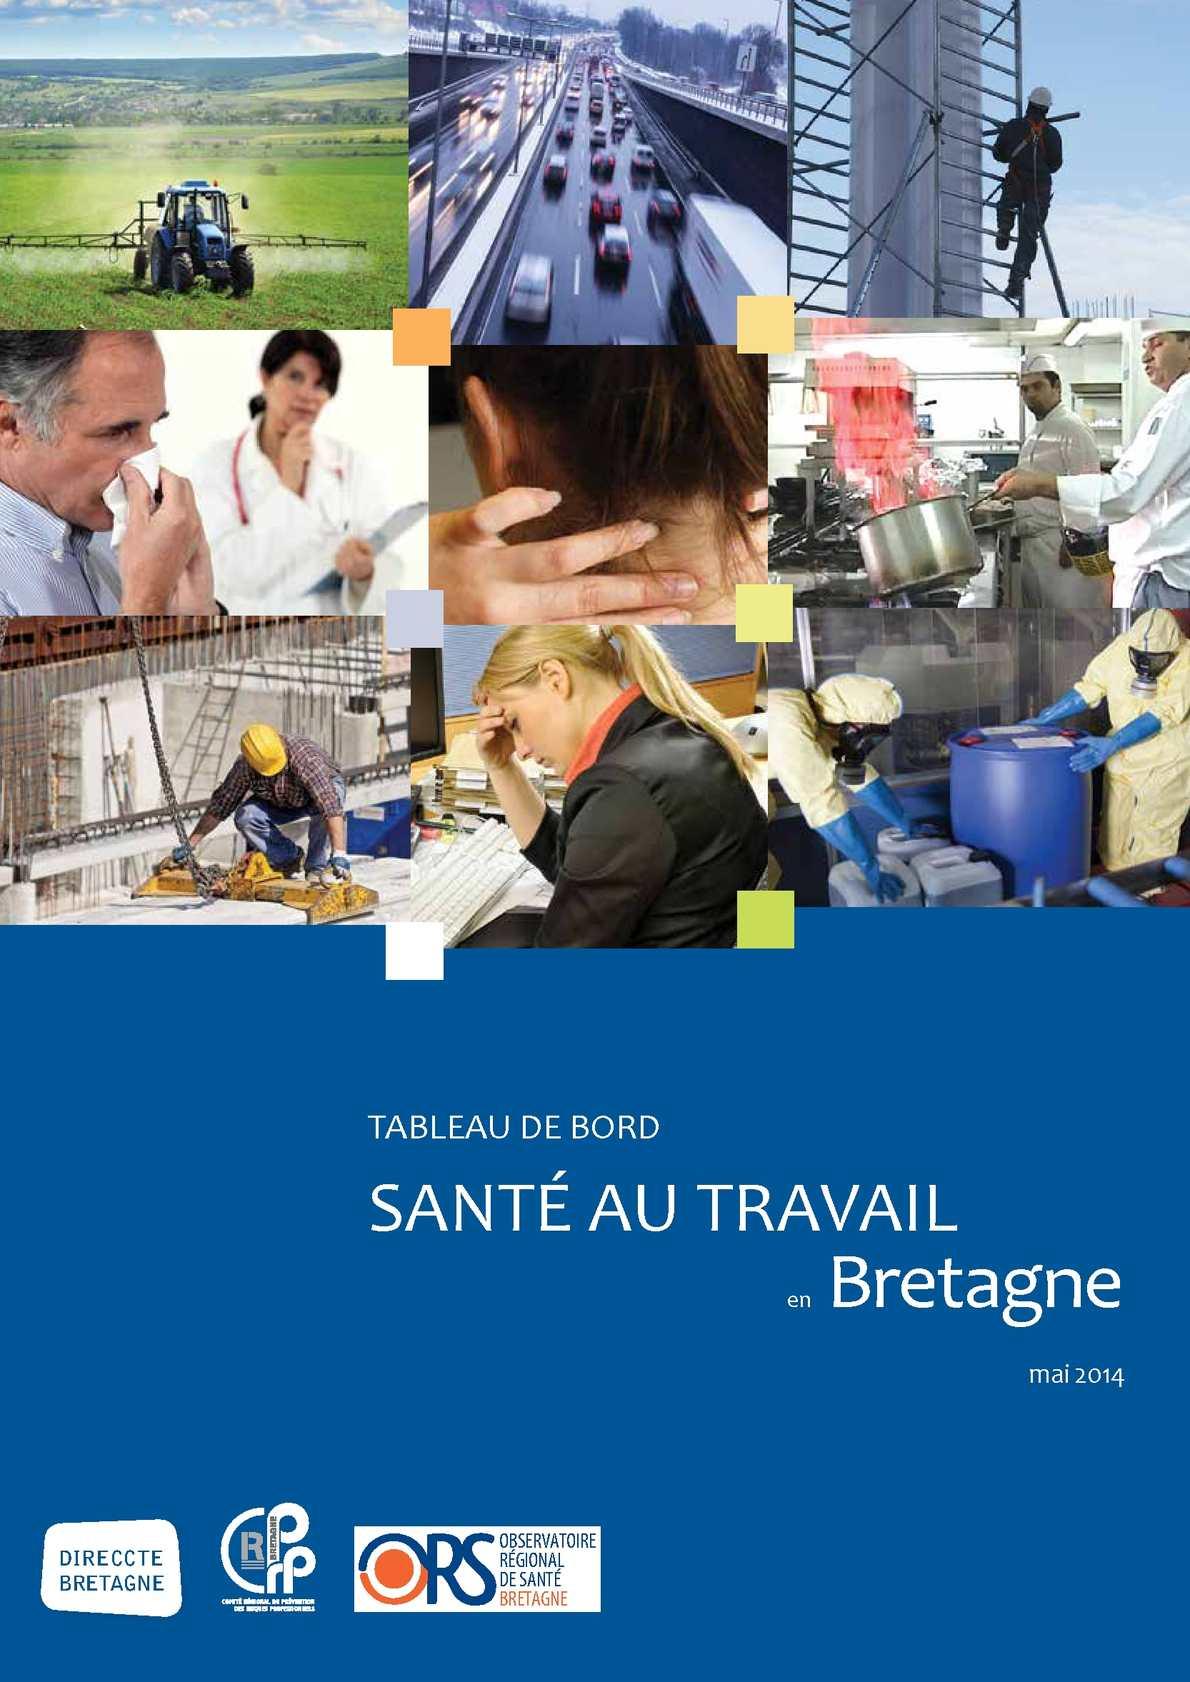 f42fafe7a1f Calaméo - Tableau de bord Santé au travail en Bretagne